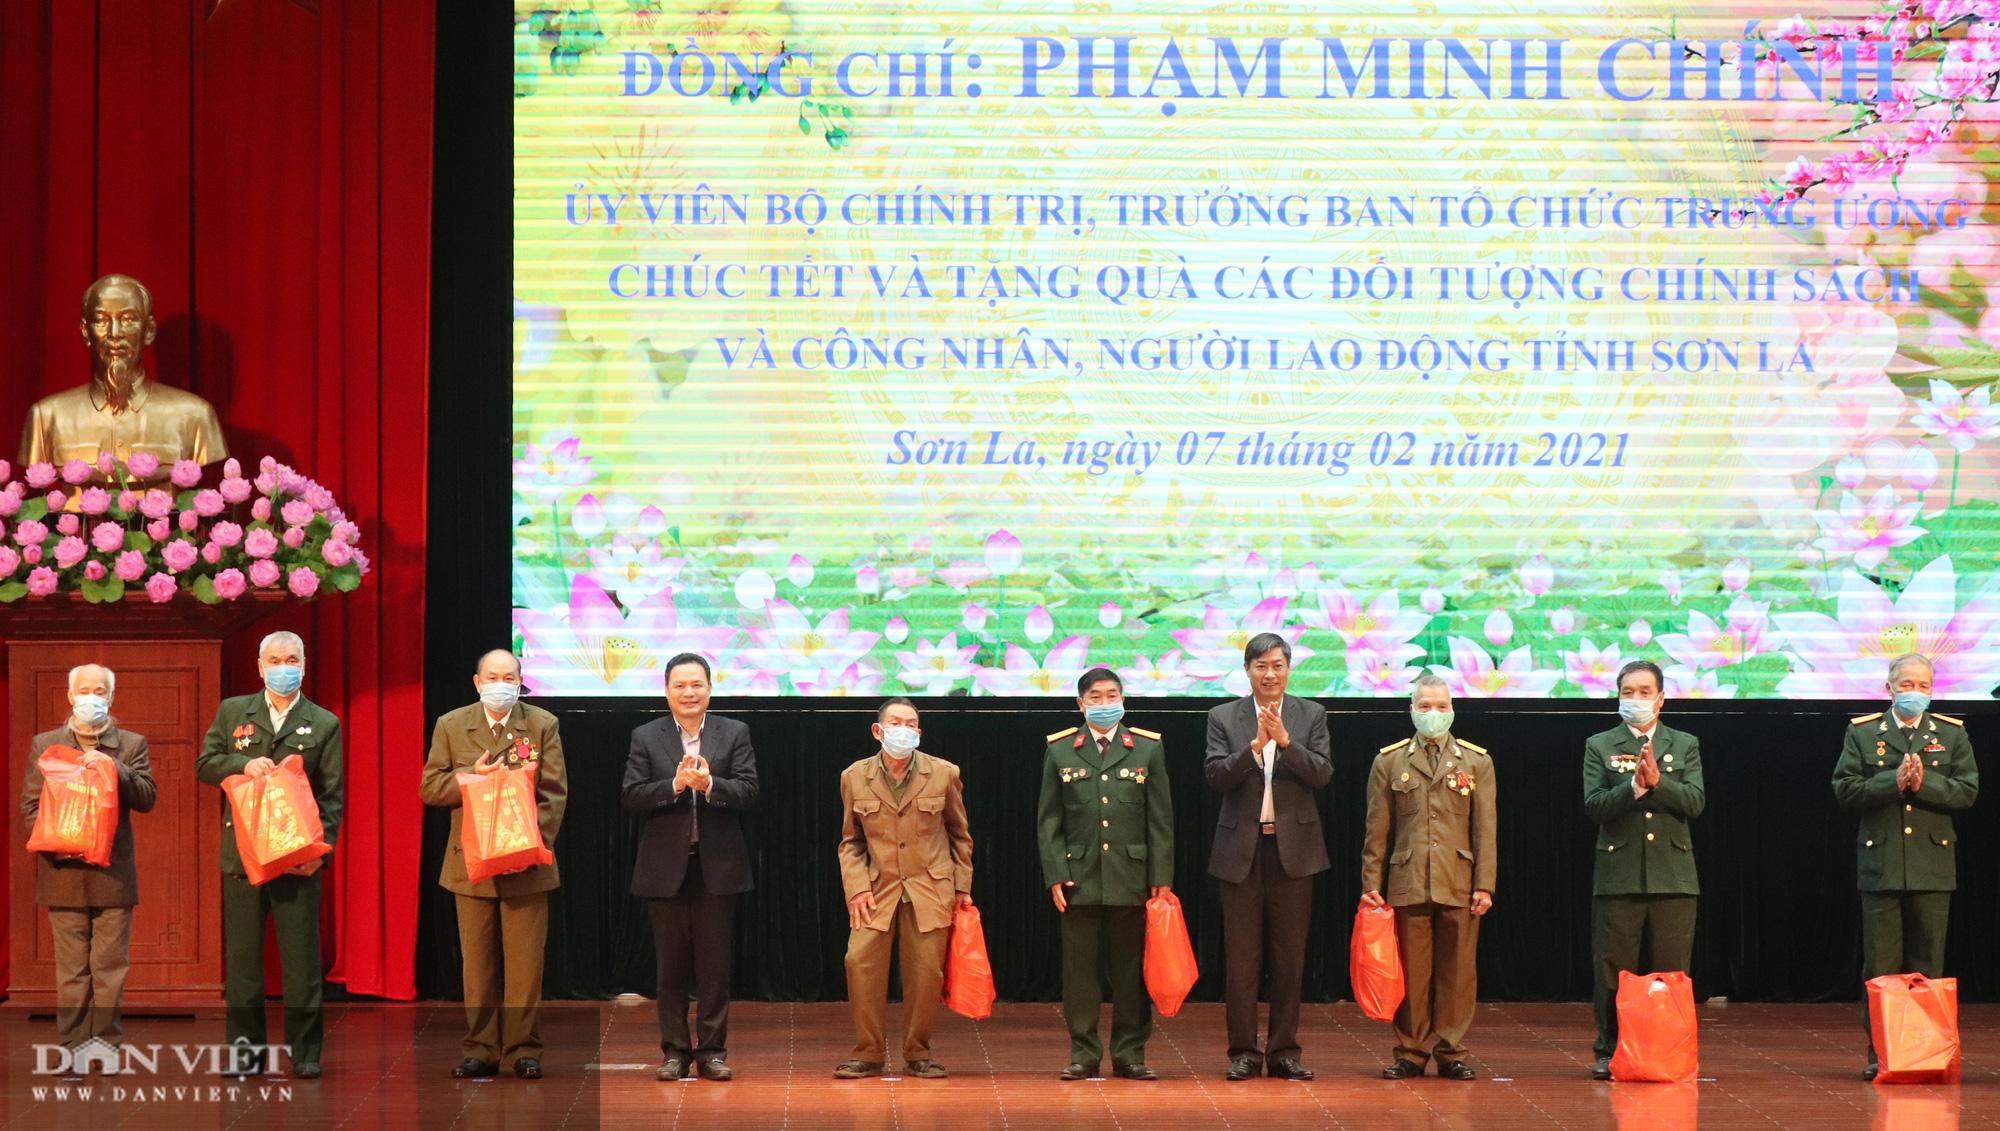 Trưởng ban Tổ chức Trung ương Phạm Minh Chính: Sơn La biết biến không thành có... - Ảnh 5.